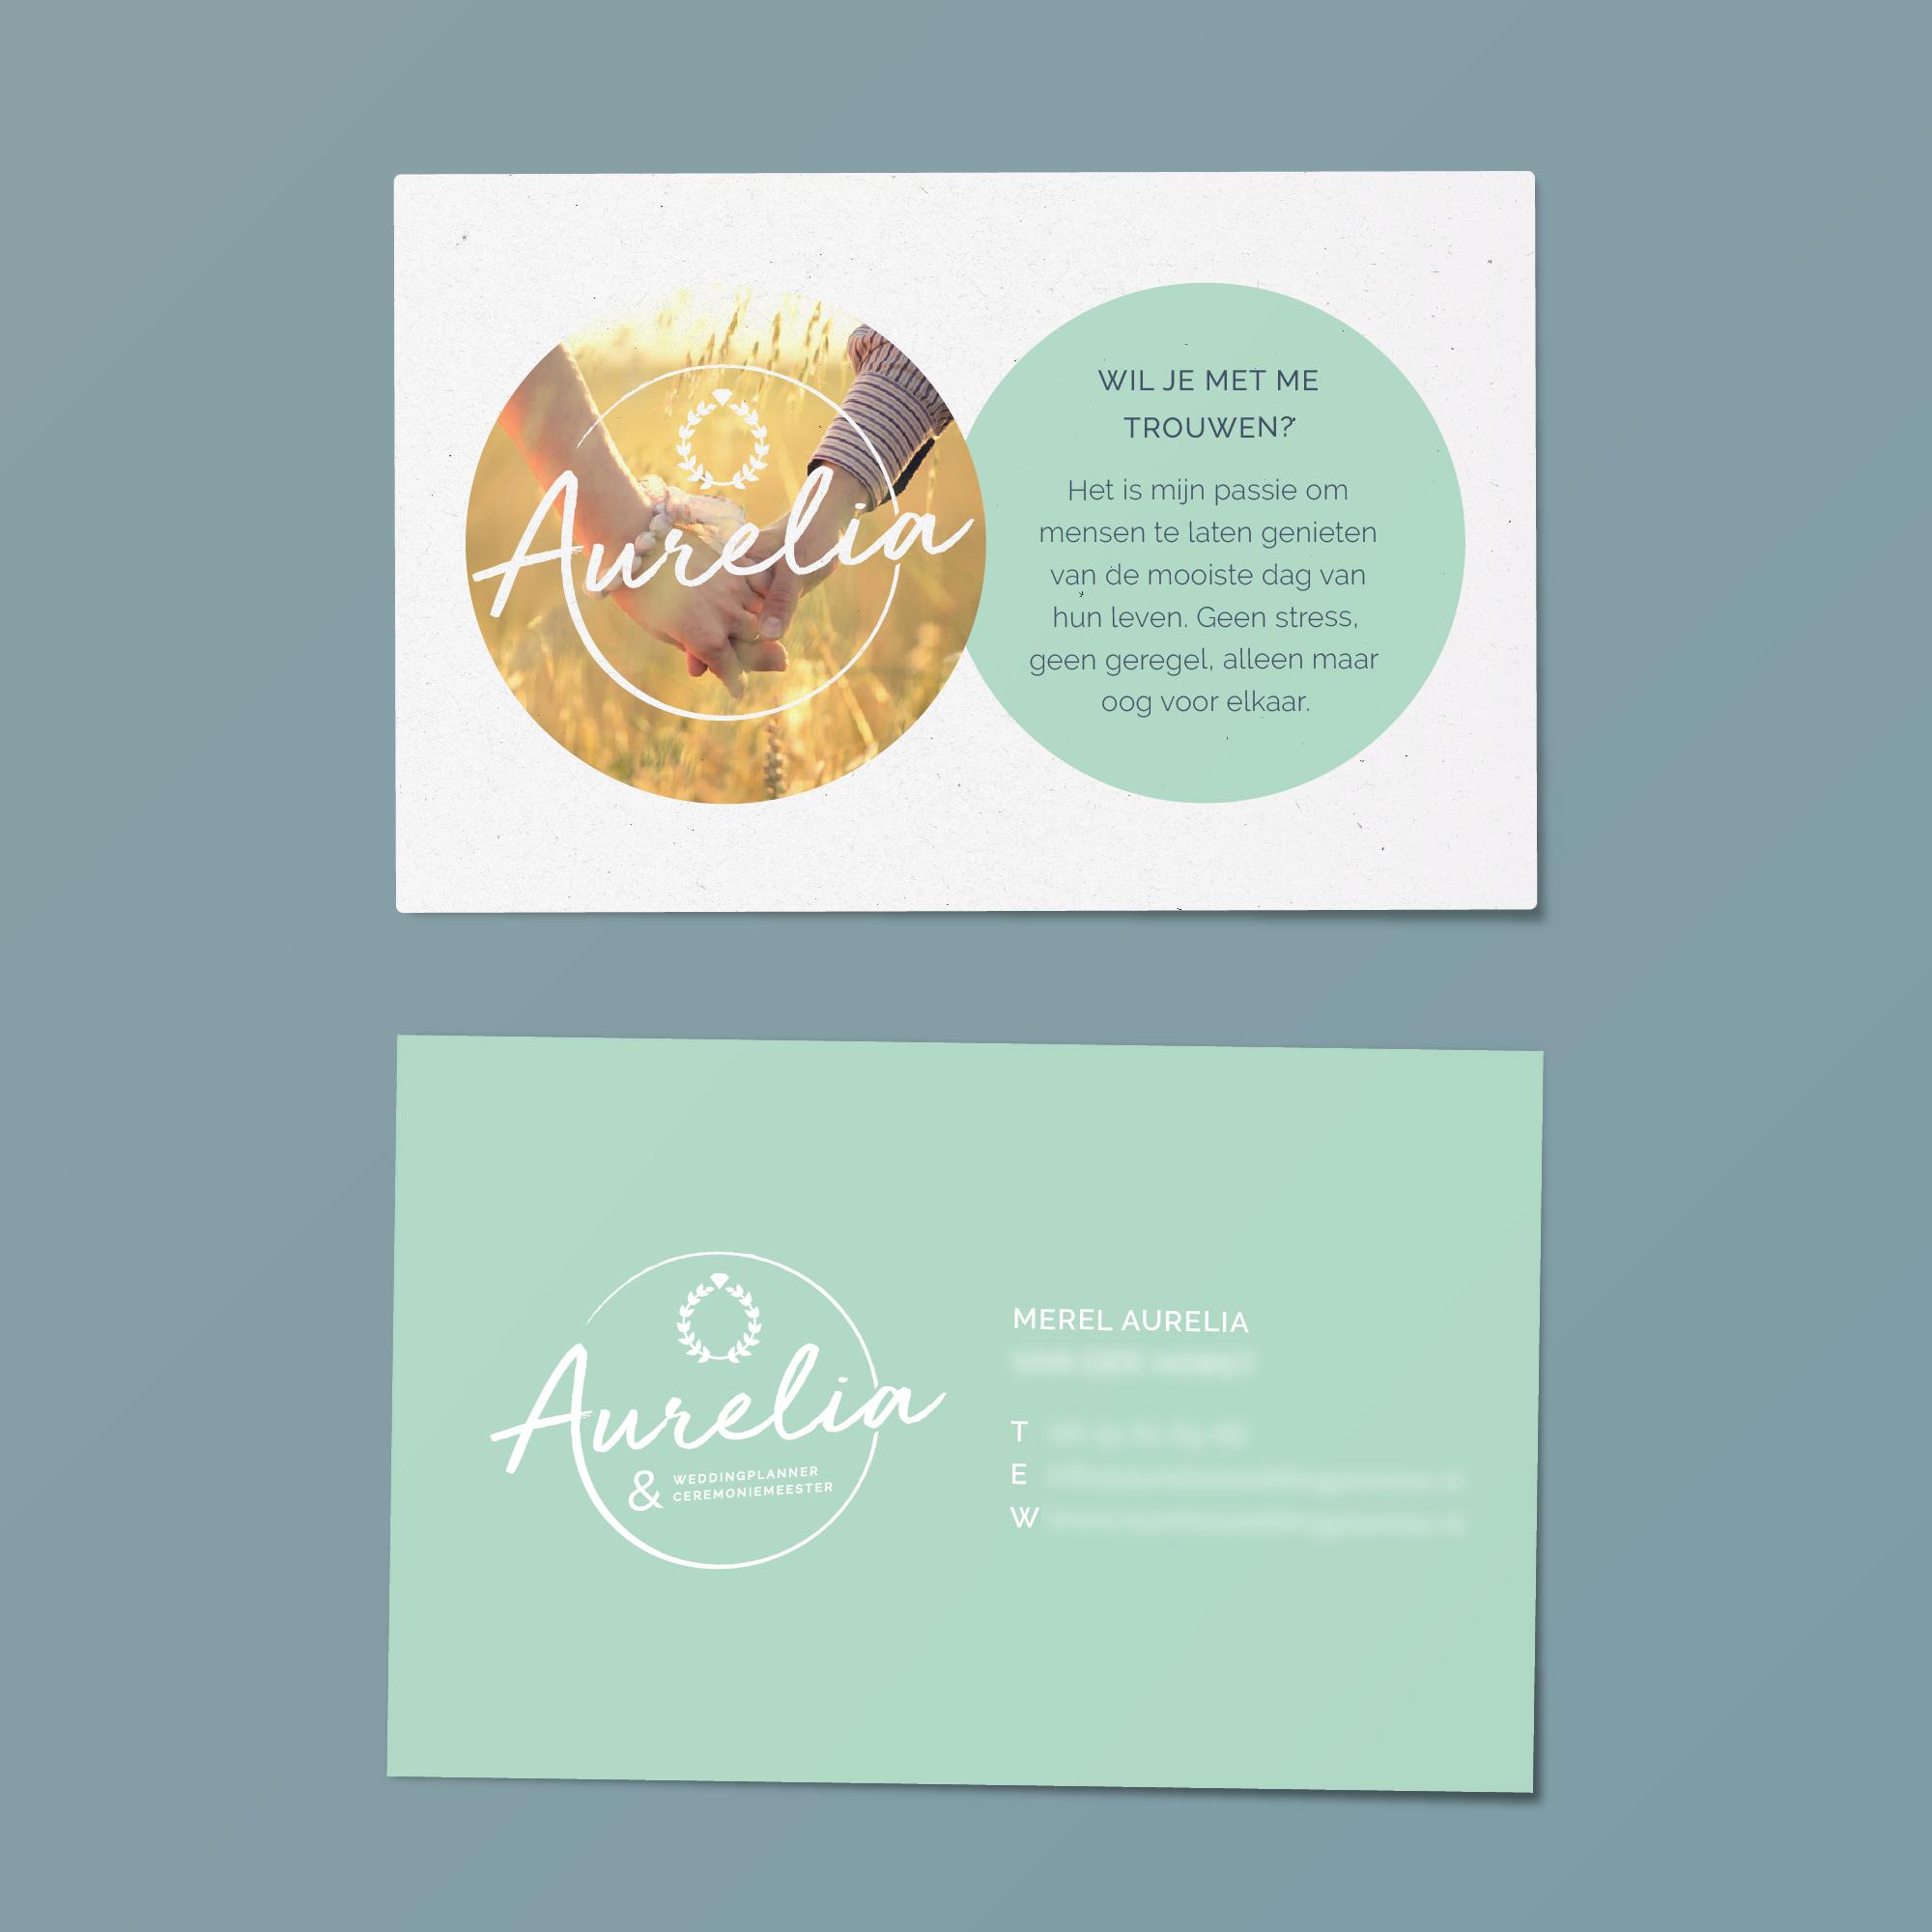 portfolio-dimgray-huisstijl-aureliaceremoniemeester-visitekaartjes